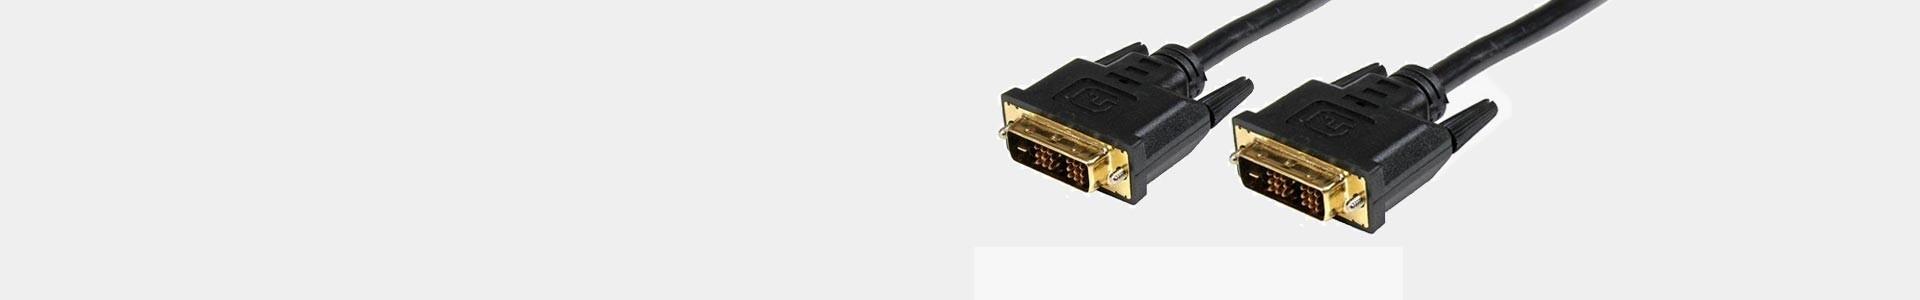 Cables DVI profesionales al mejor precio online en Avacab